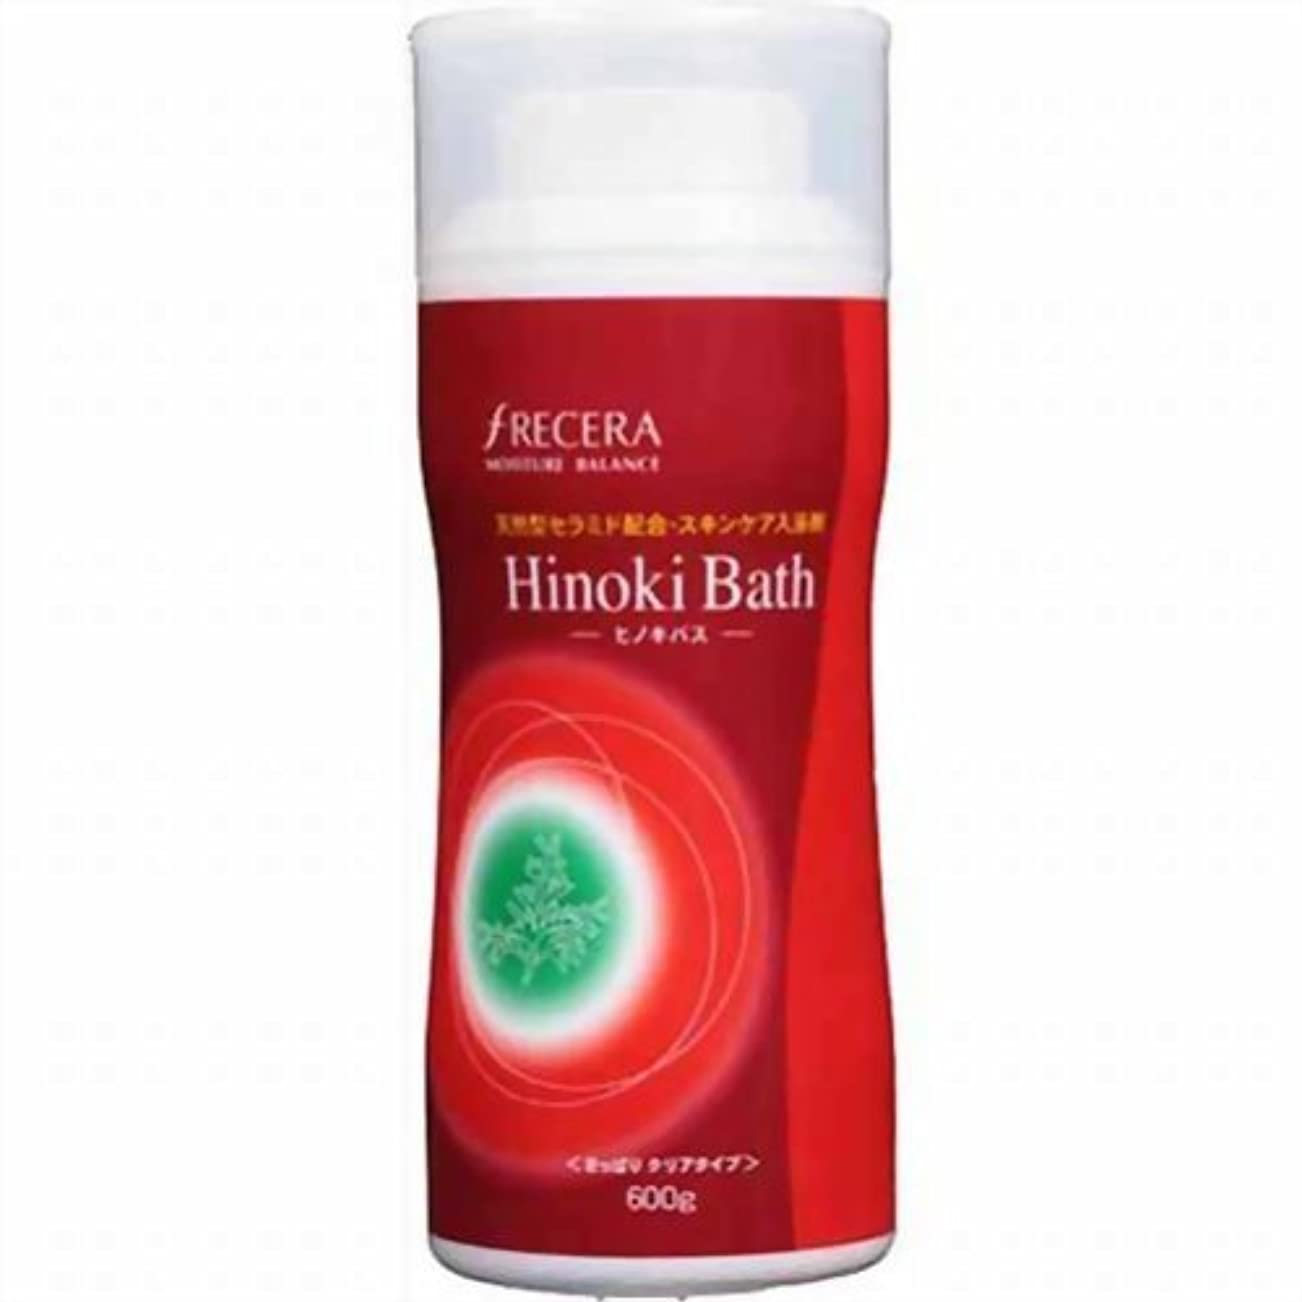 いたずら謙虚動物園フレッセラ セラミド入浴剤 ヒノキバス 600g